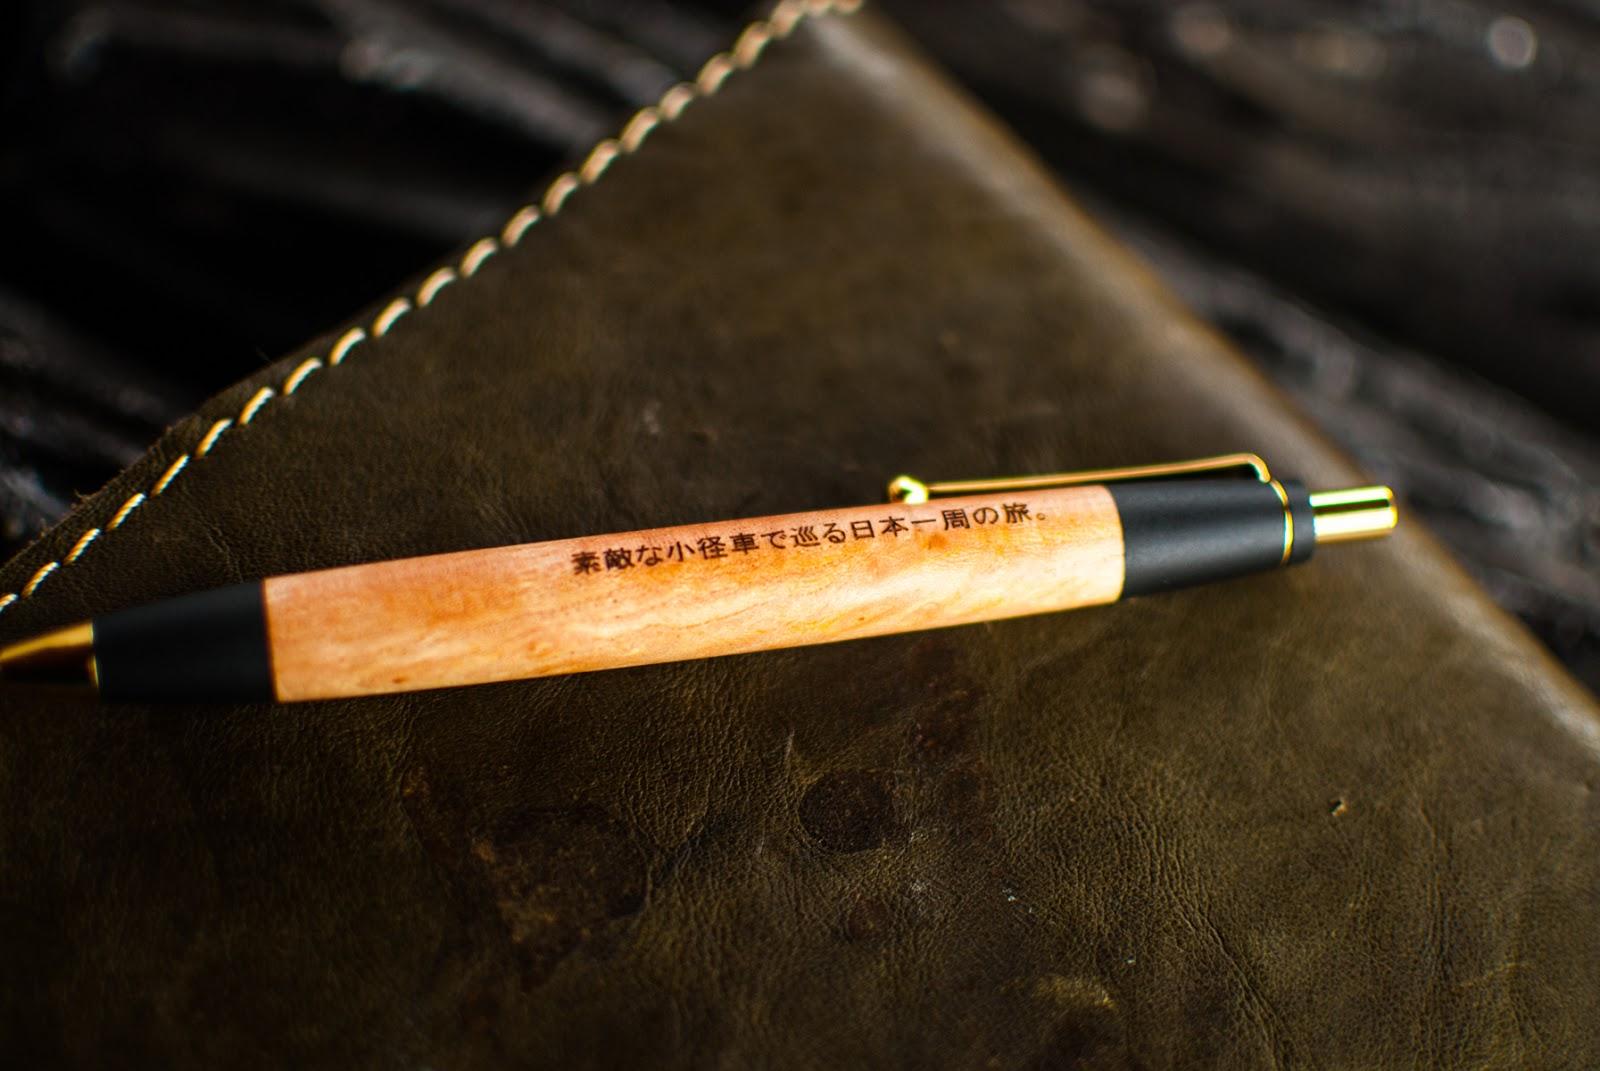 檜のボールペンと皮の日記カバー